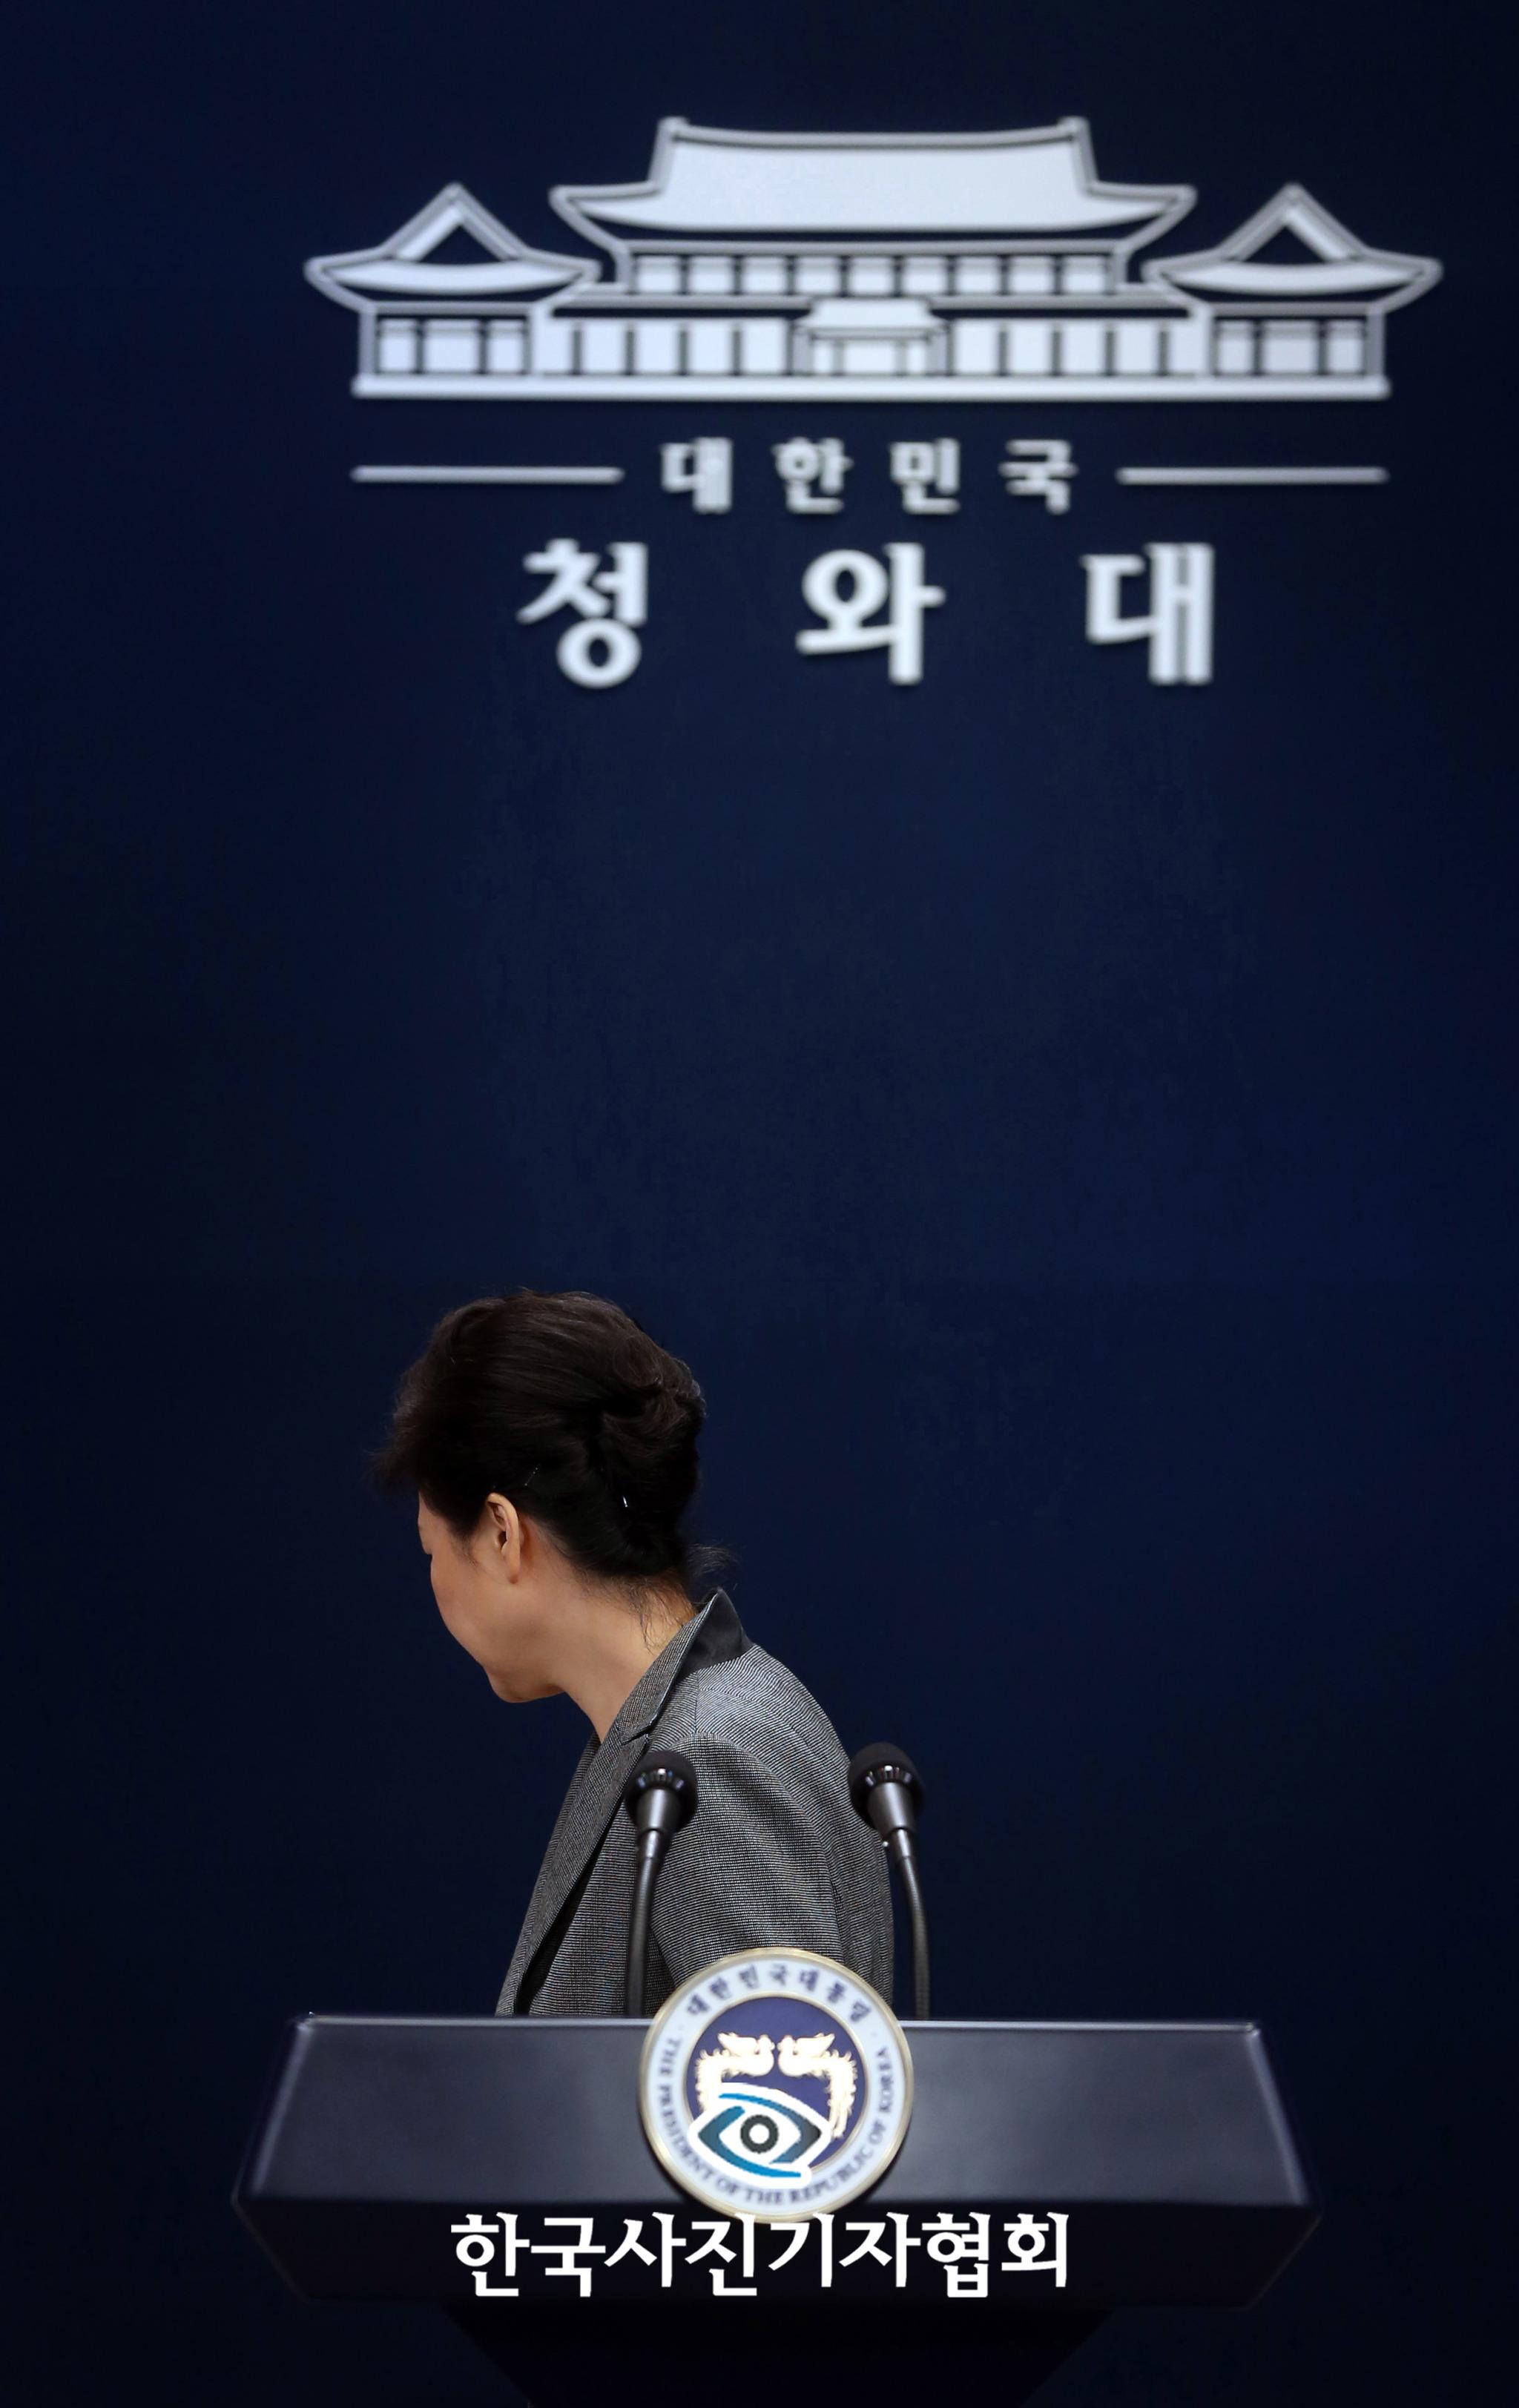 <제53회 한국보도사진전-people in the news 최우수상>박근혜 대통령이 지난해 11월 29일 3차 대국민담화를 발표하고 뒤돌아서서 퇴장하고 있다. 박 대통령은 이날 하야 시점을 국회서 합의하면 그 때 물러날 뜻이 있음을 밝혔다.김성룡기자